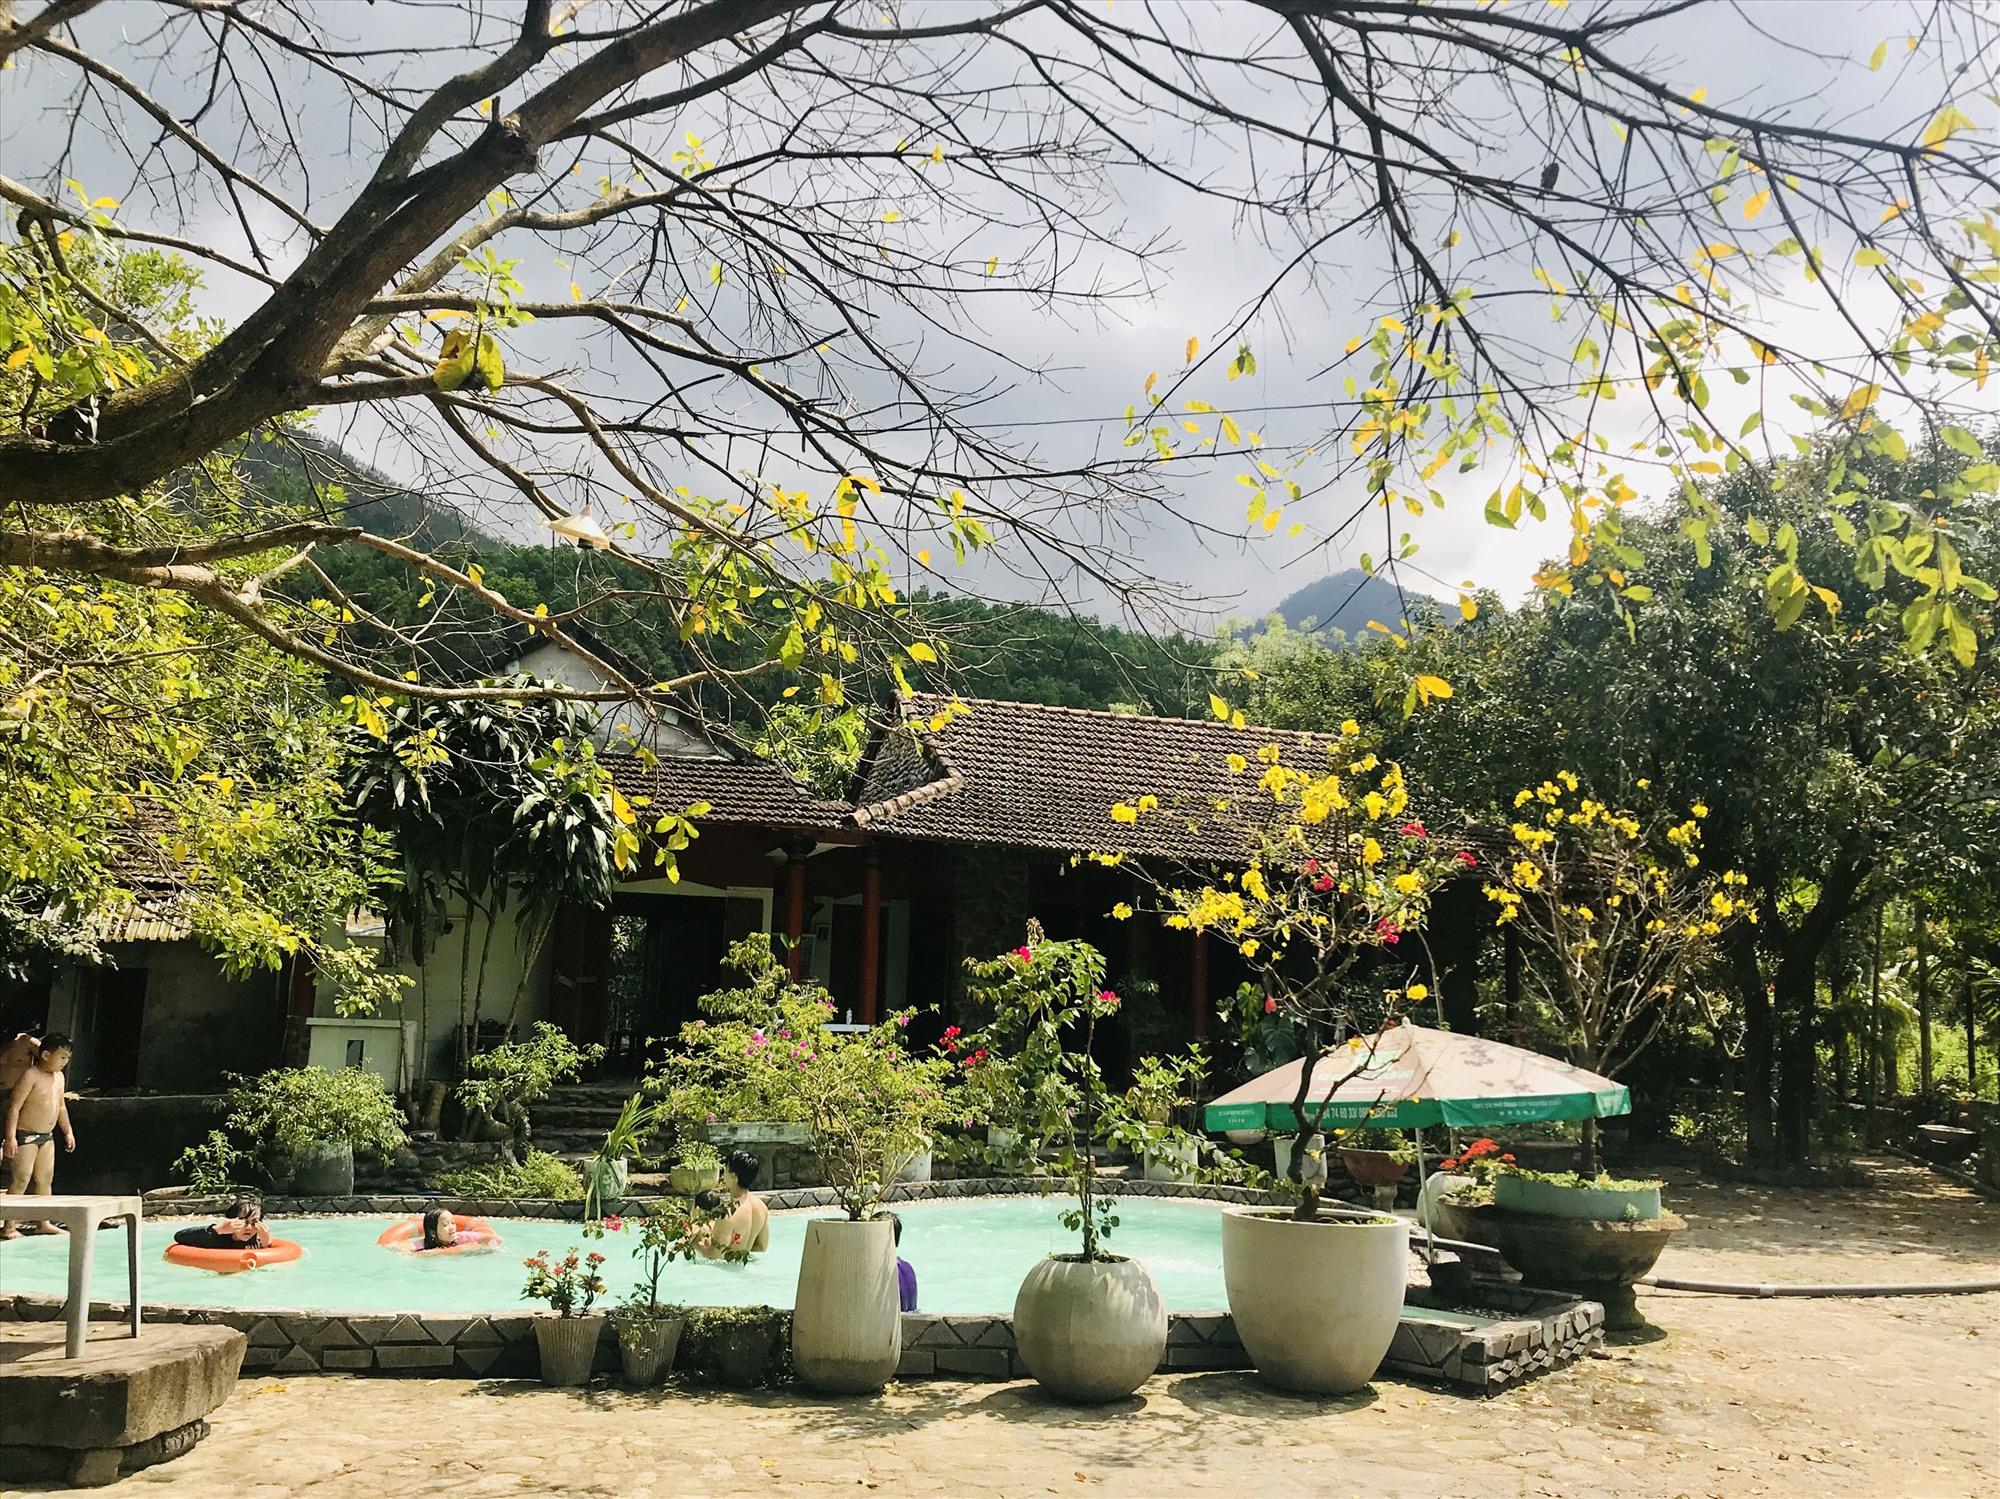 Vẻ đẹp thanh bình của một nhà vườn ở thôn Tú Mỹ. Ảnh: Q.T